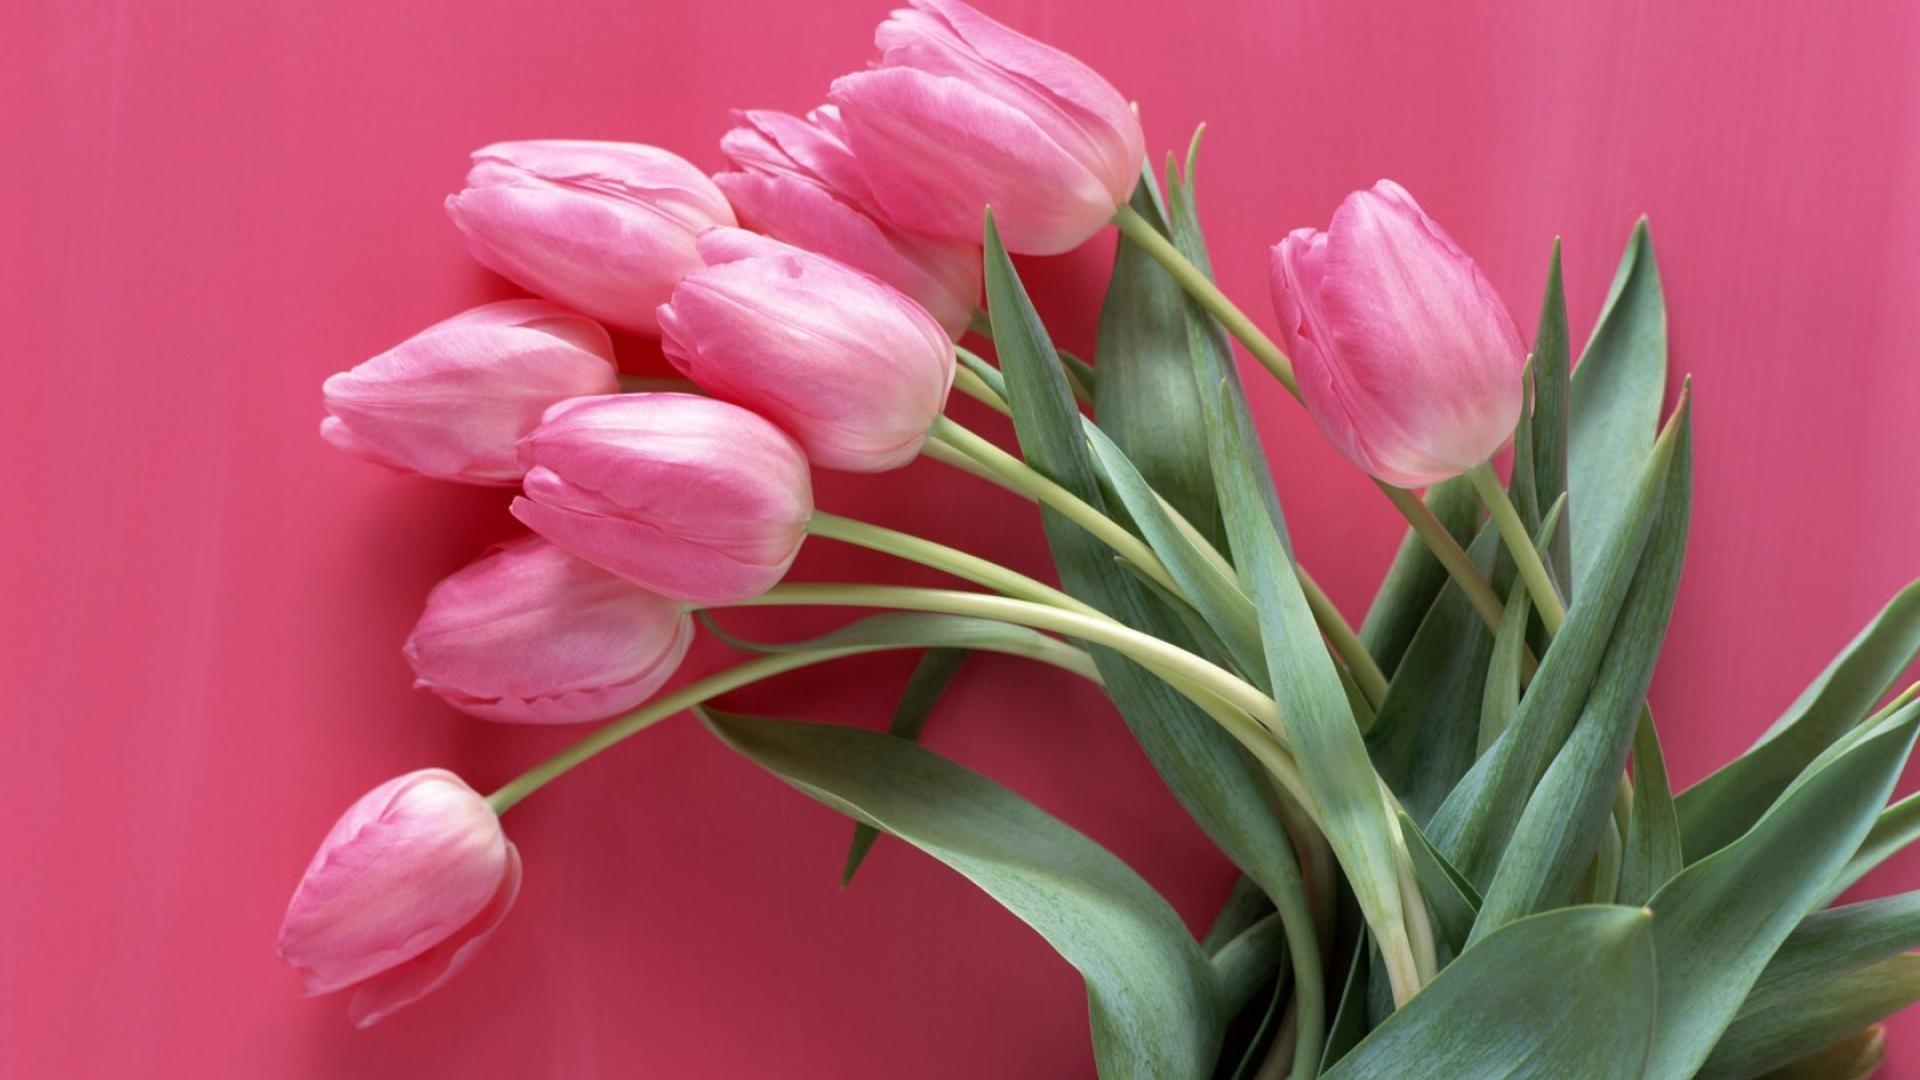 Women's Day Flower hd wallpaper